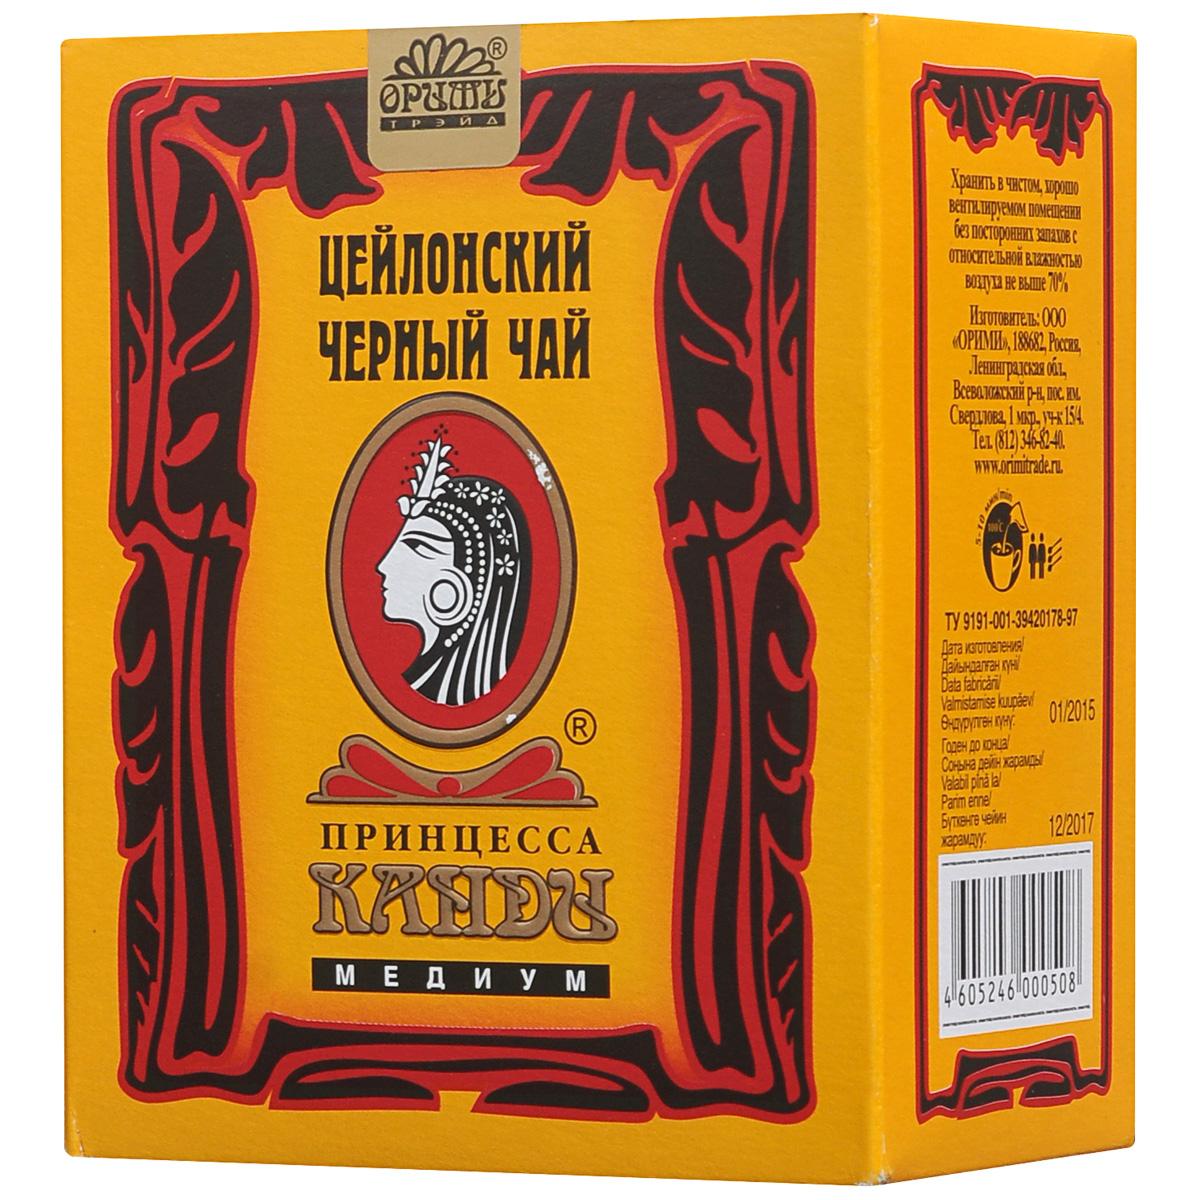 Принцесса Канди Медиум черный чай листовой, 100 г